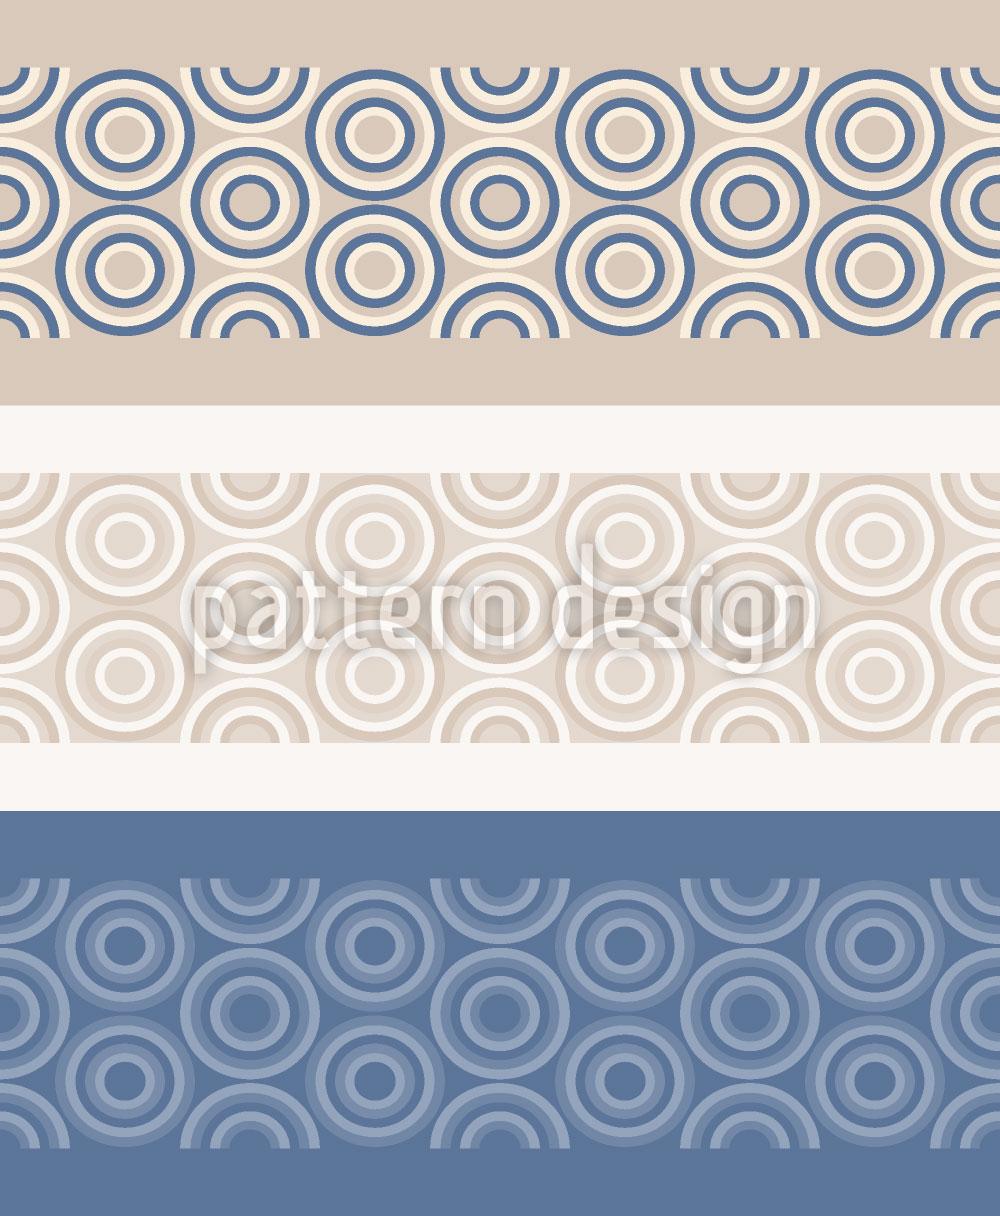 Designtapete Kreis Bordüre